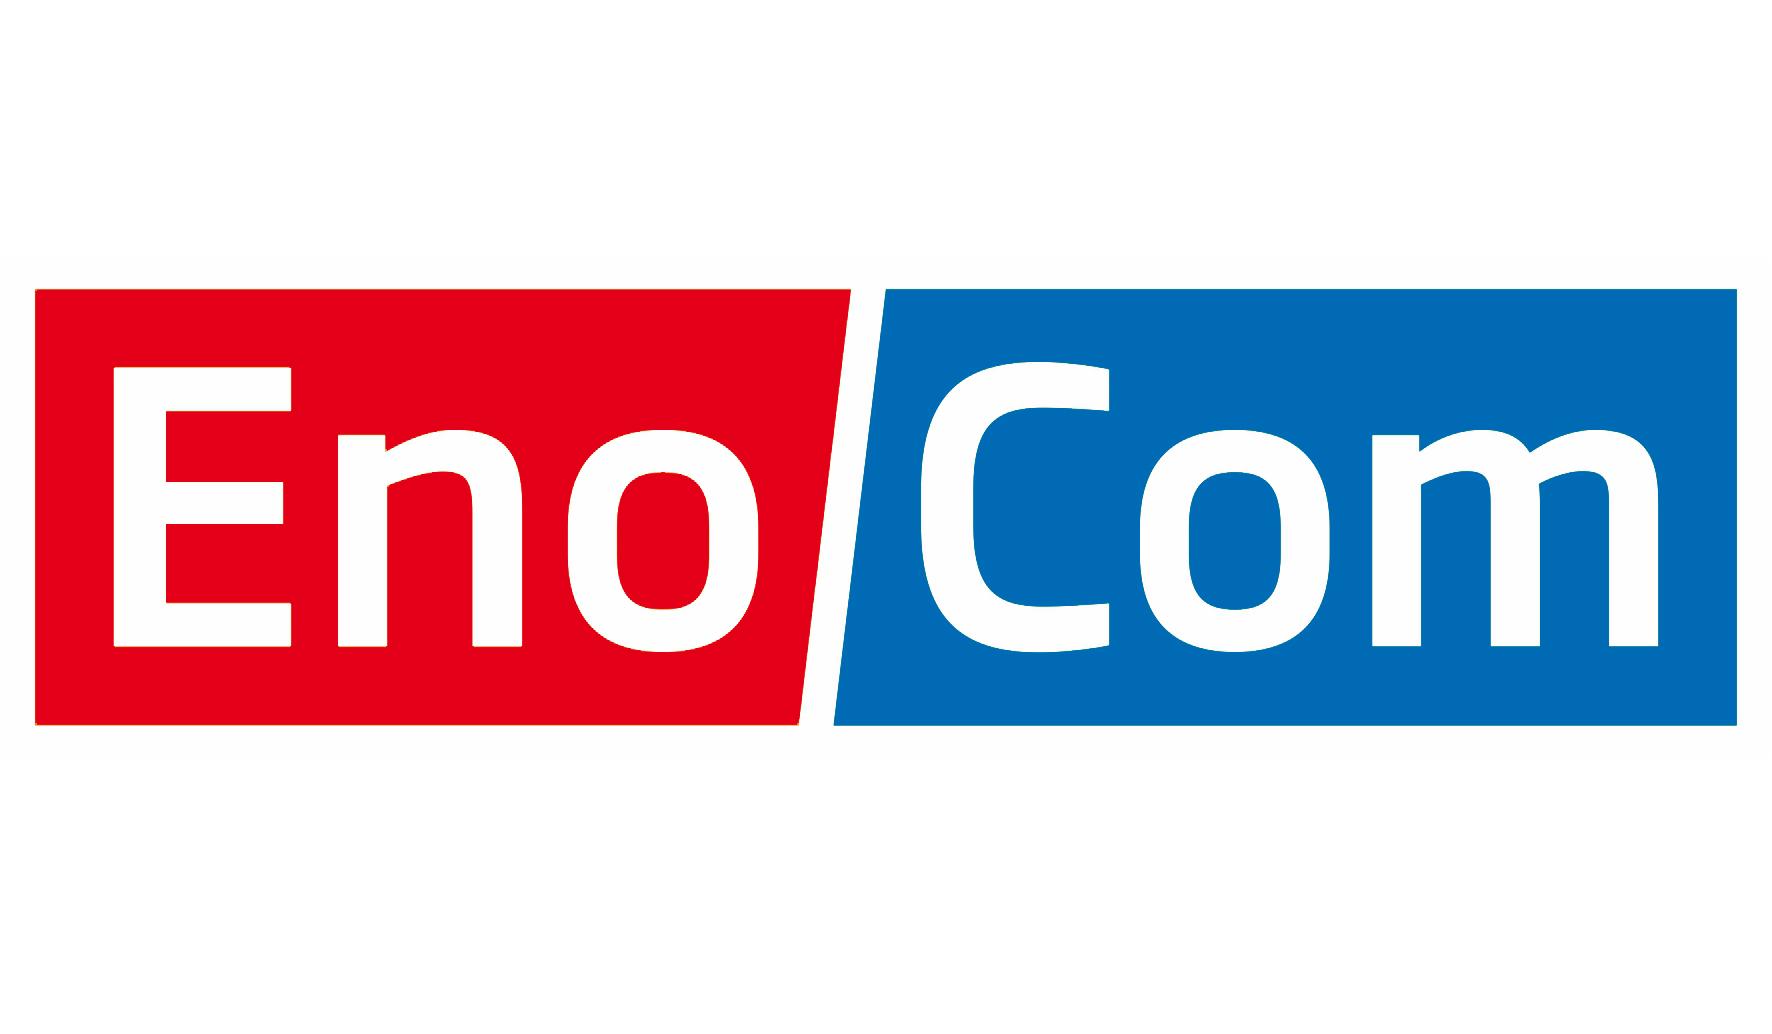 ENOCOM